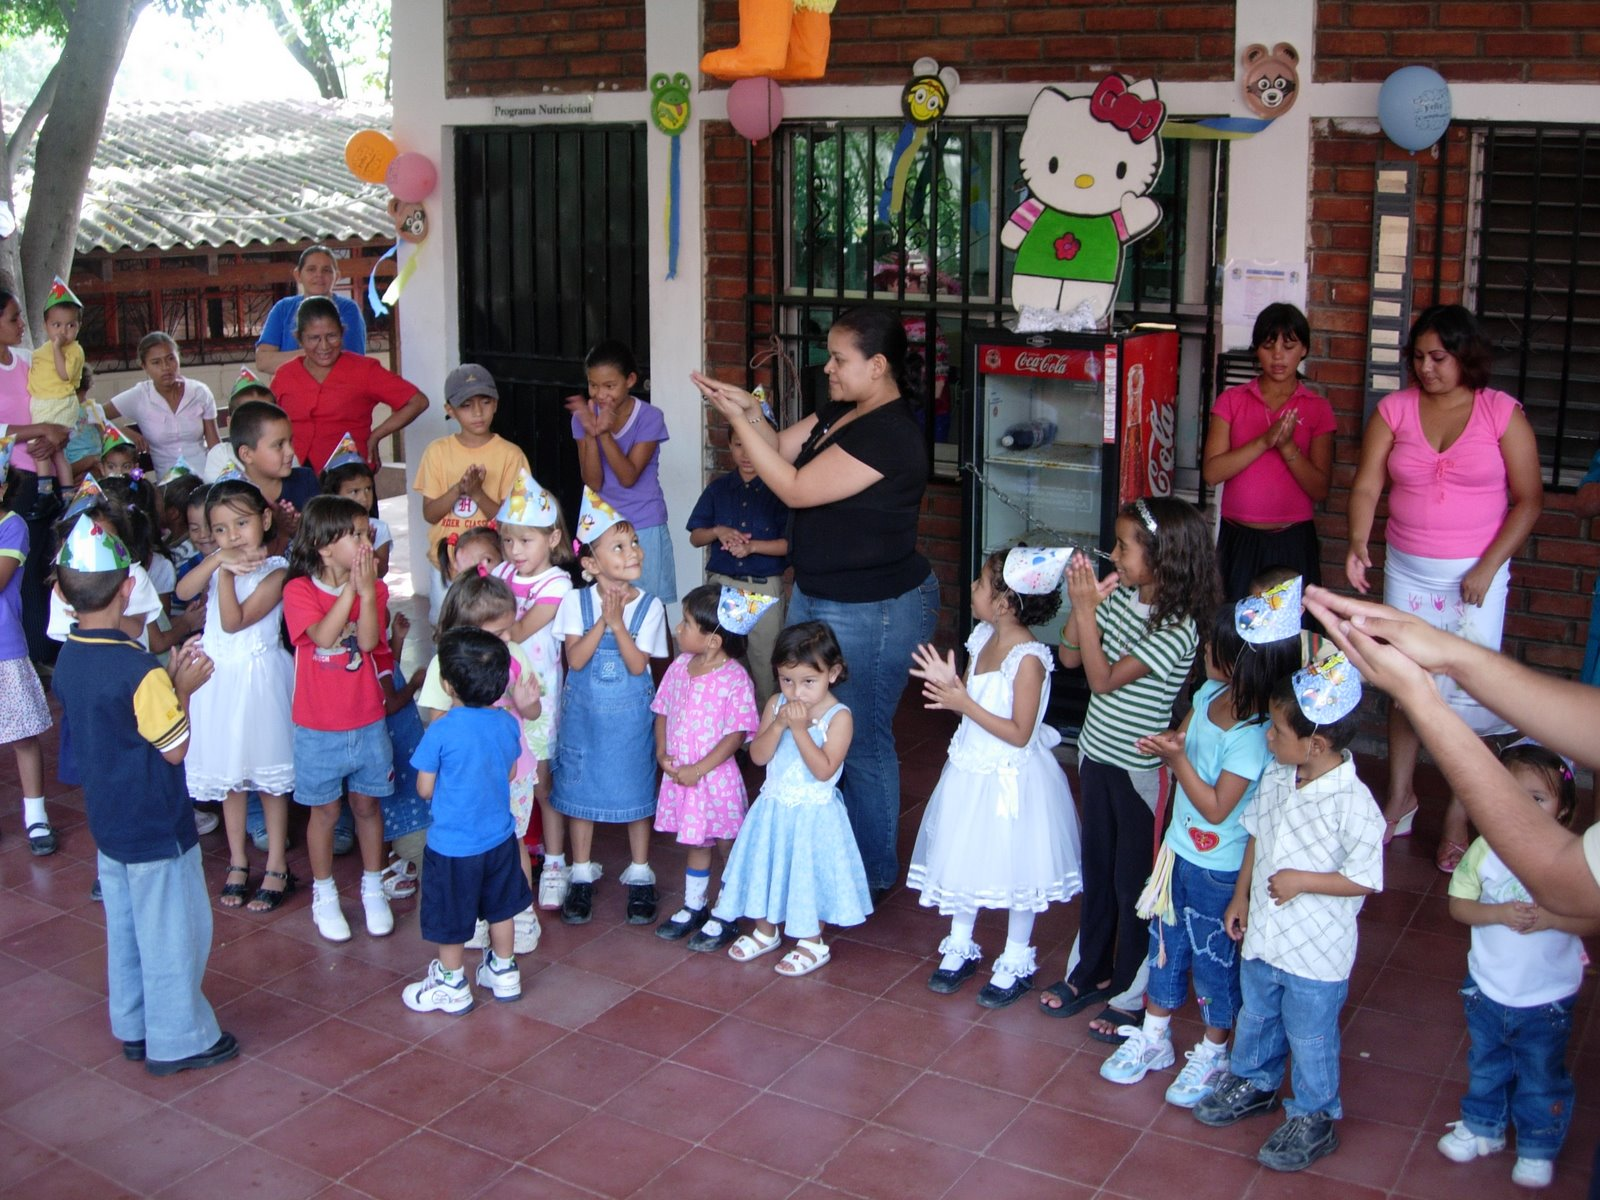 [HN+Sept+20,+2006-+JMA+Children]